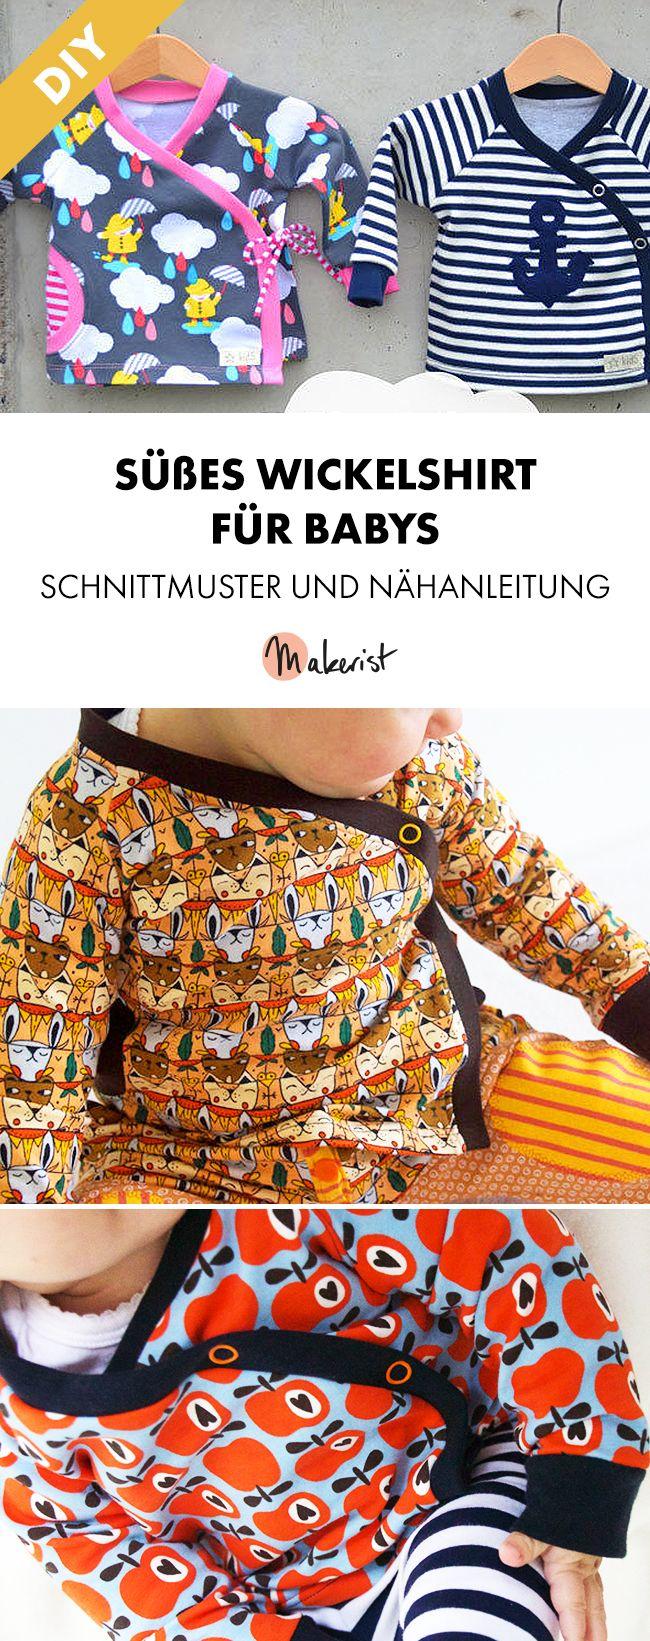 Photo of Eingewickeltes Jerseyhemd für Babys – Nähanweisungen und Muster über Makeri …